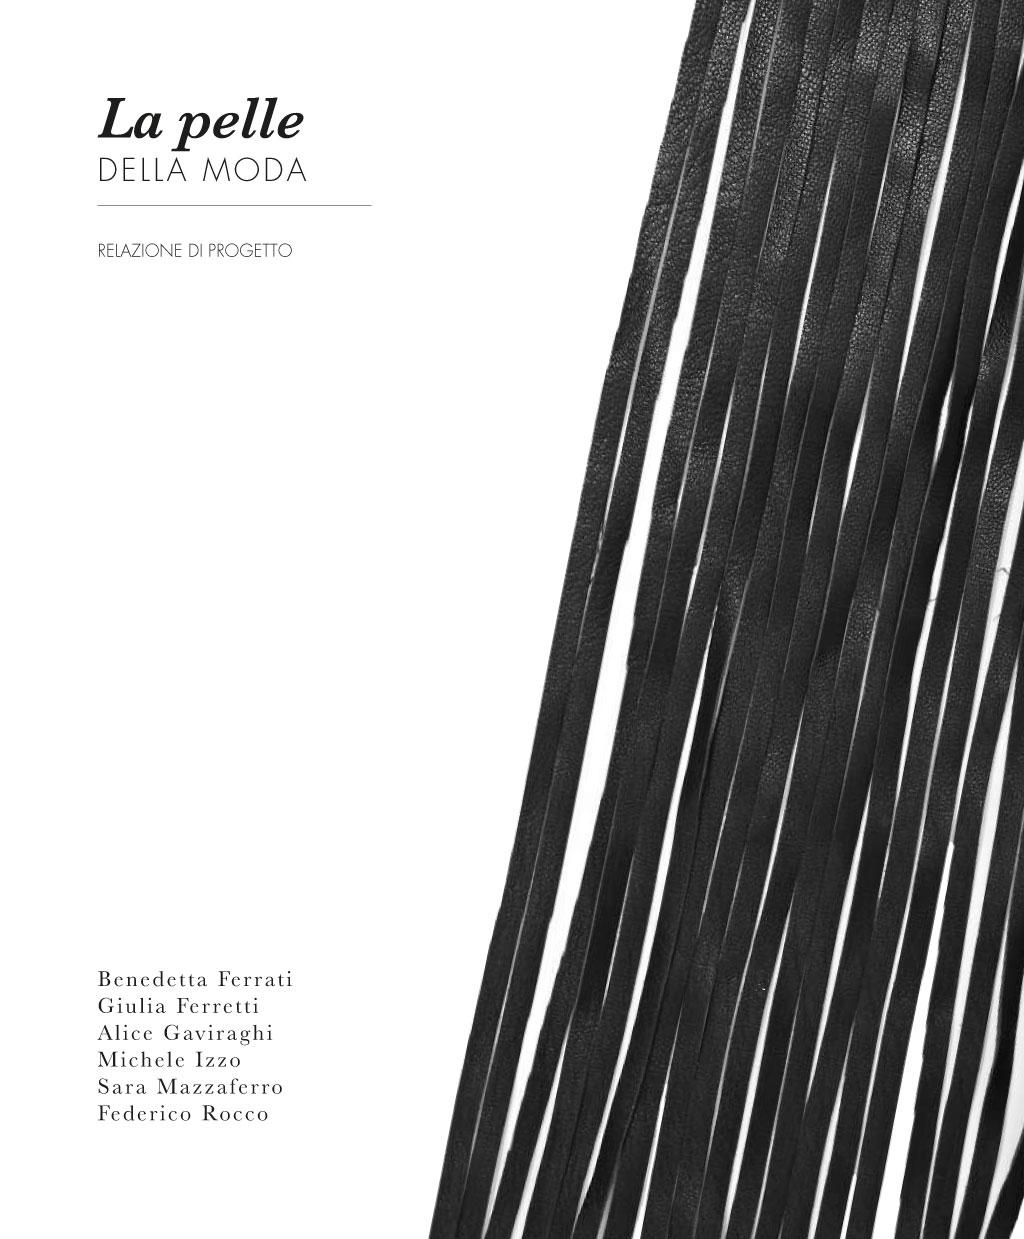 Tesi di laurea catalogo e allestimento mostra izzo for Laurea design milano